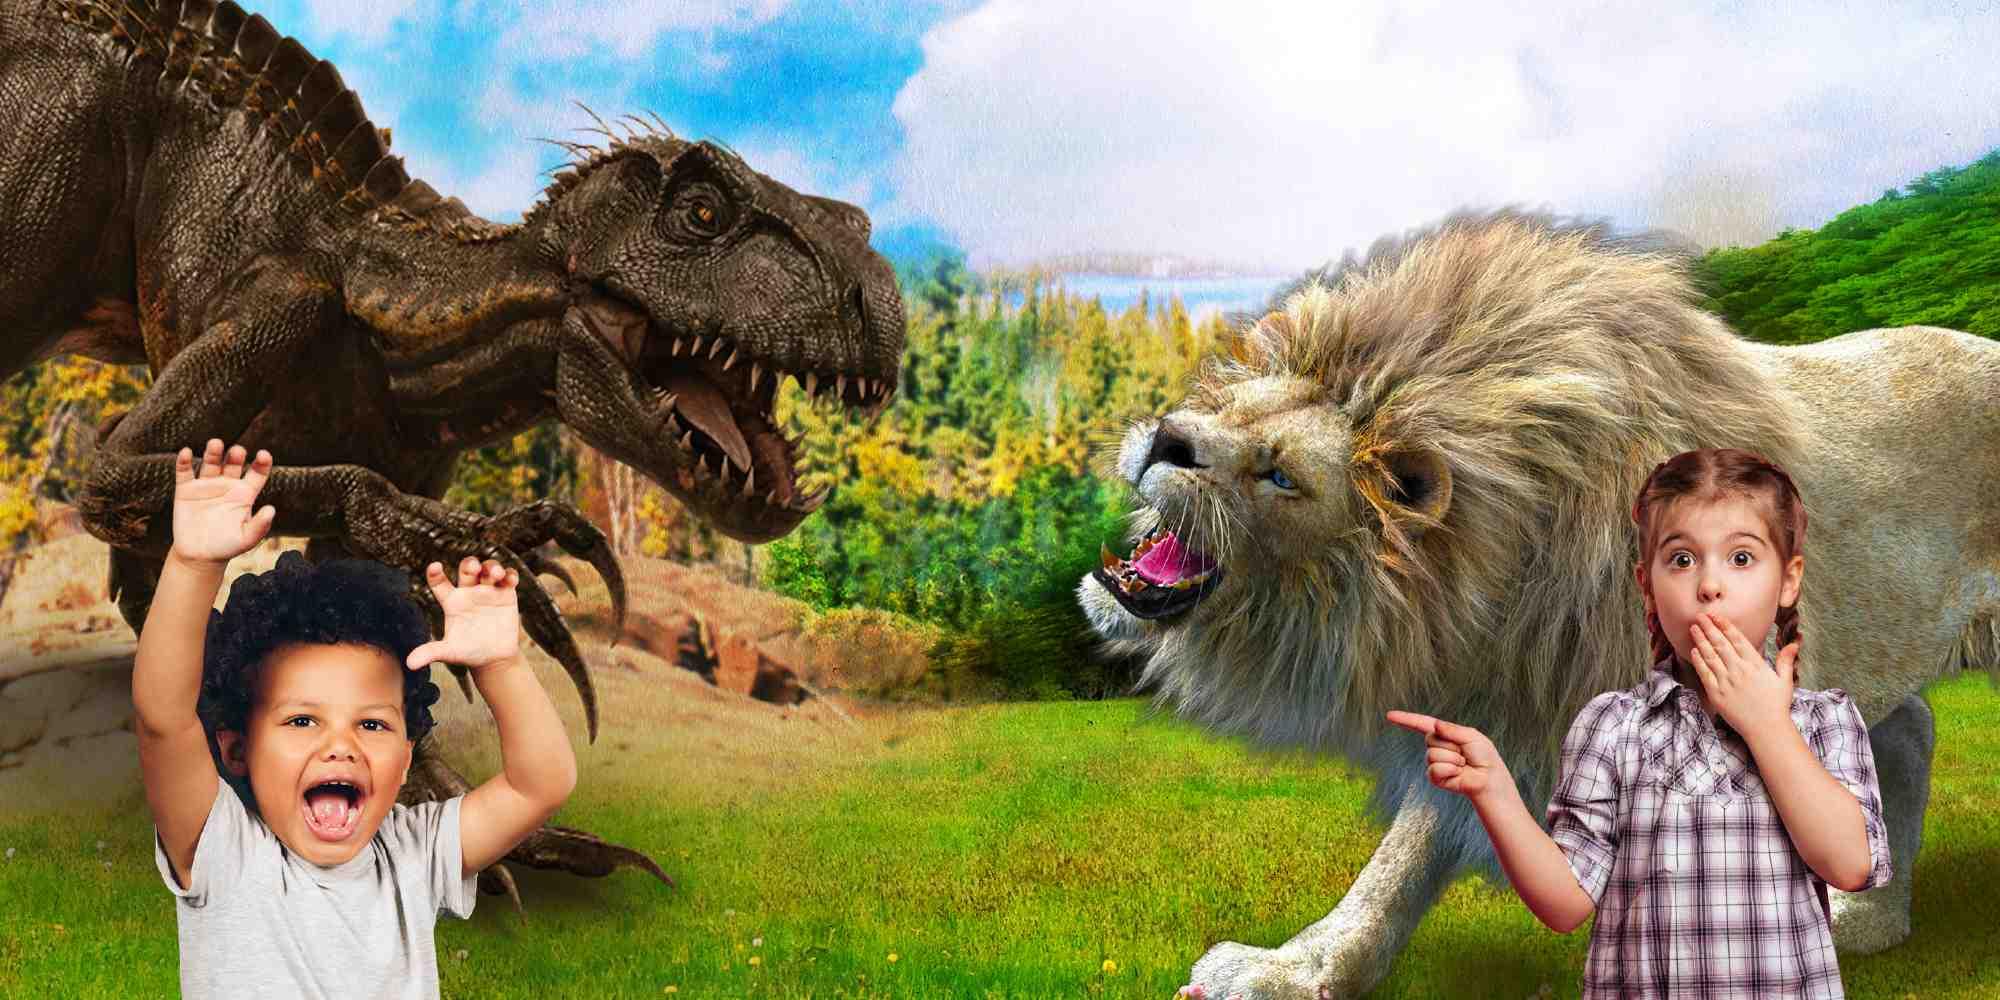 dinosaur, wildlife